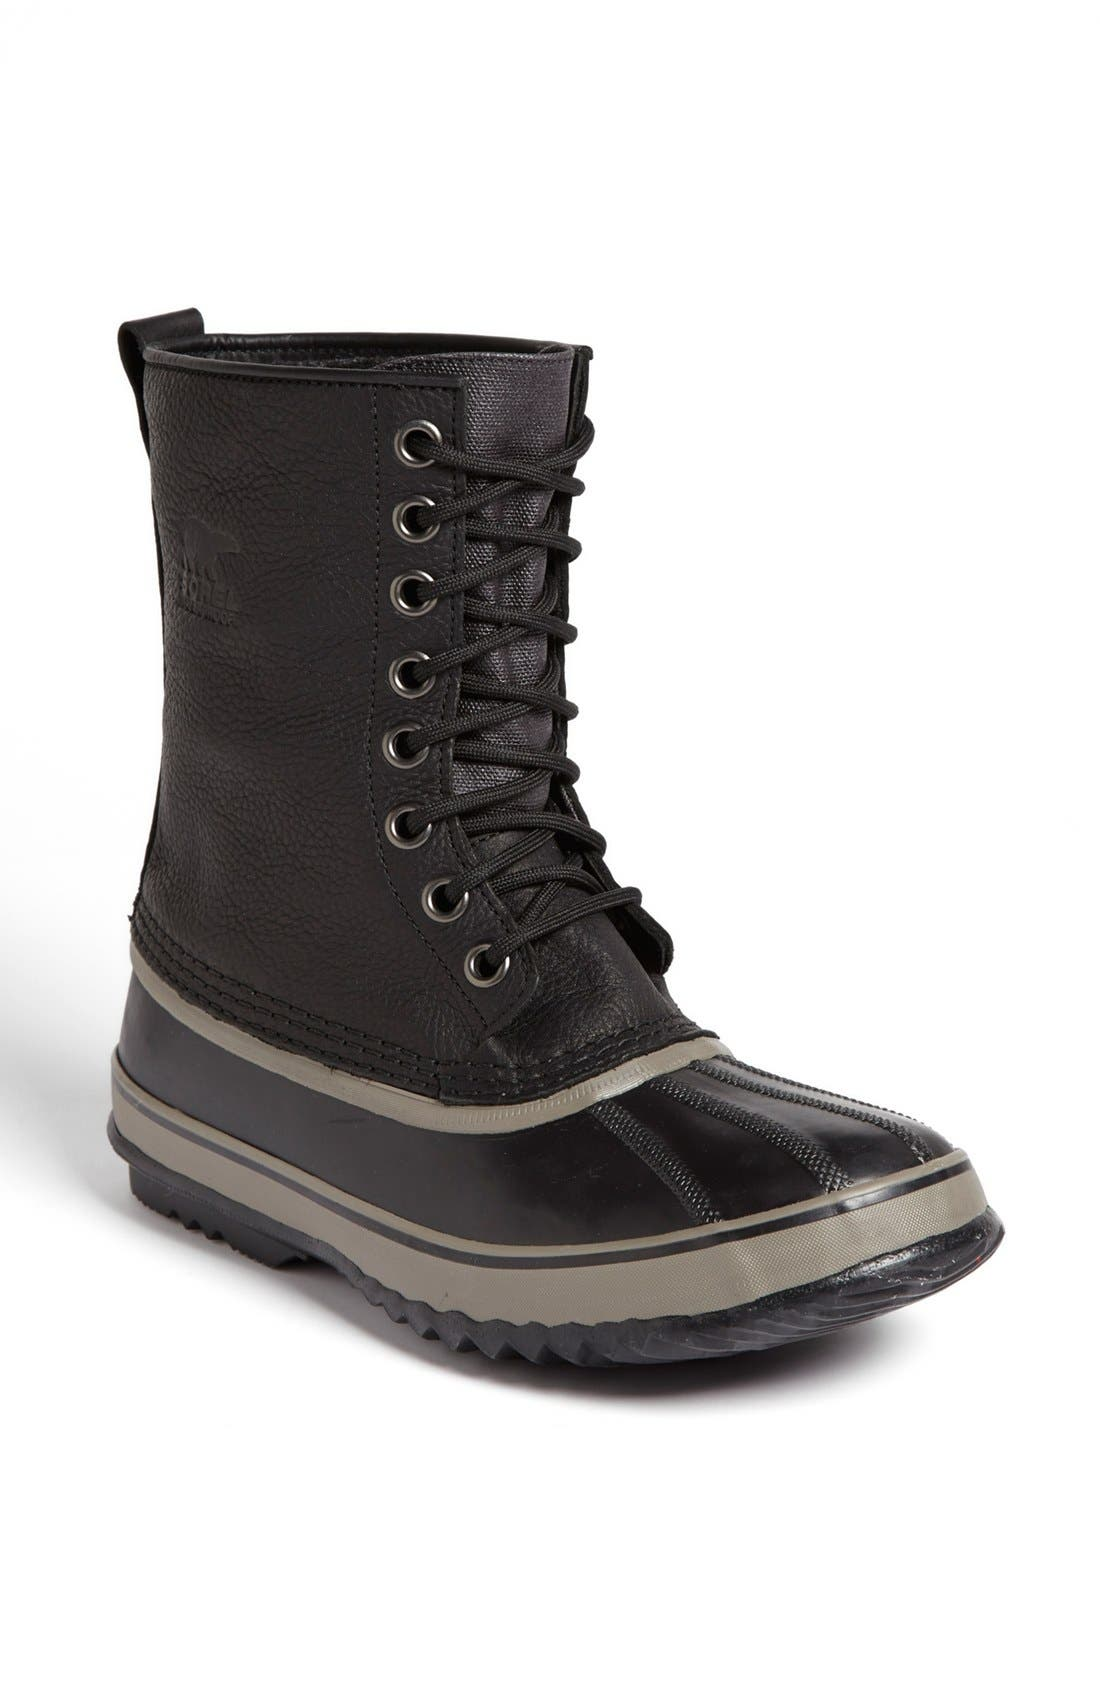 Main Image - SOREL '1964 Premium T' Snow Boot